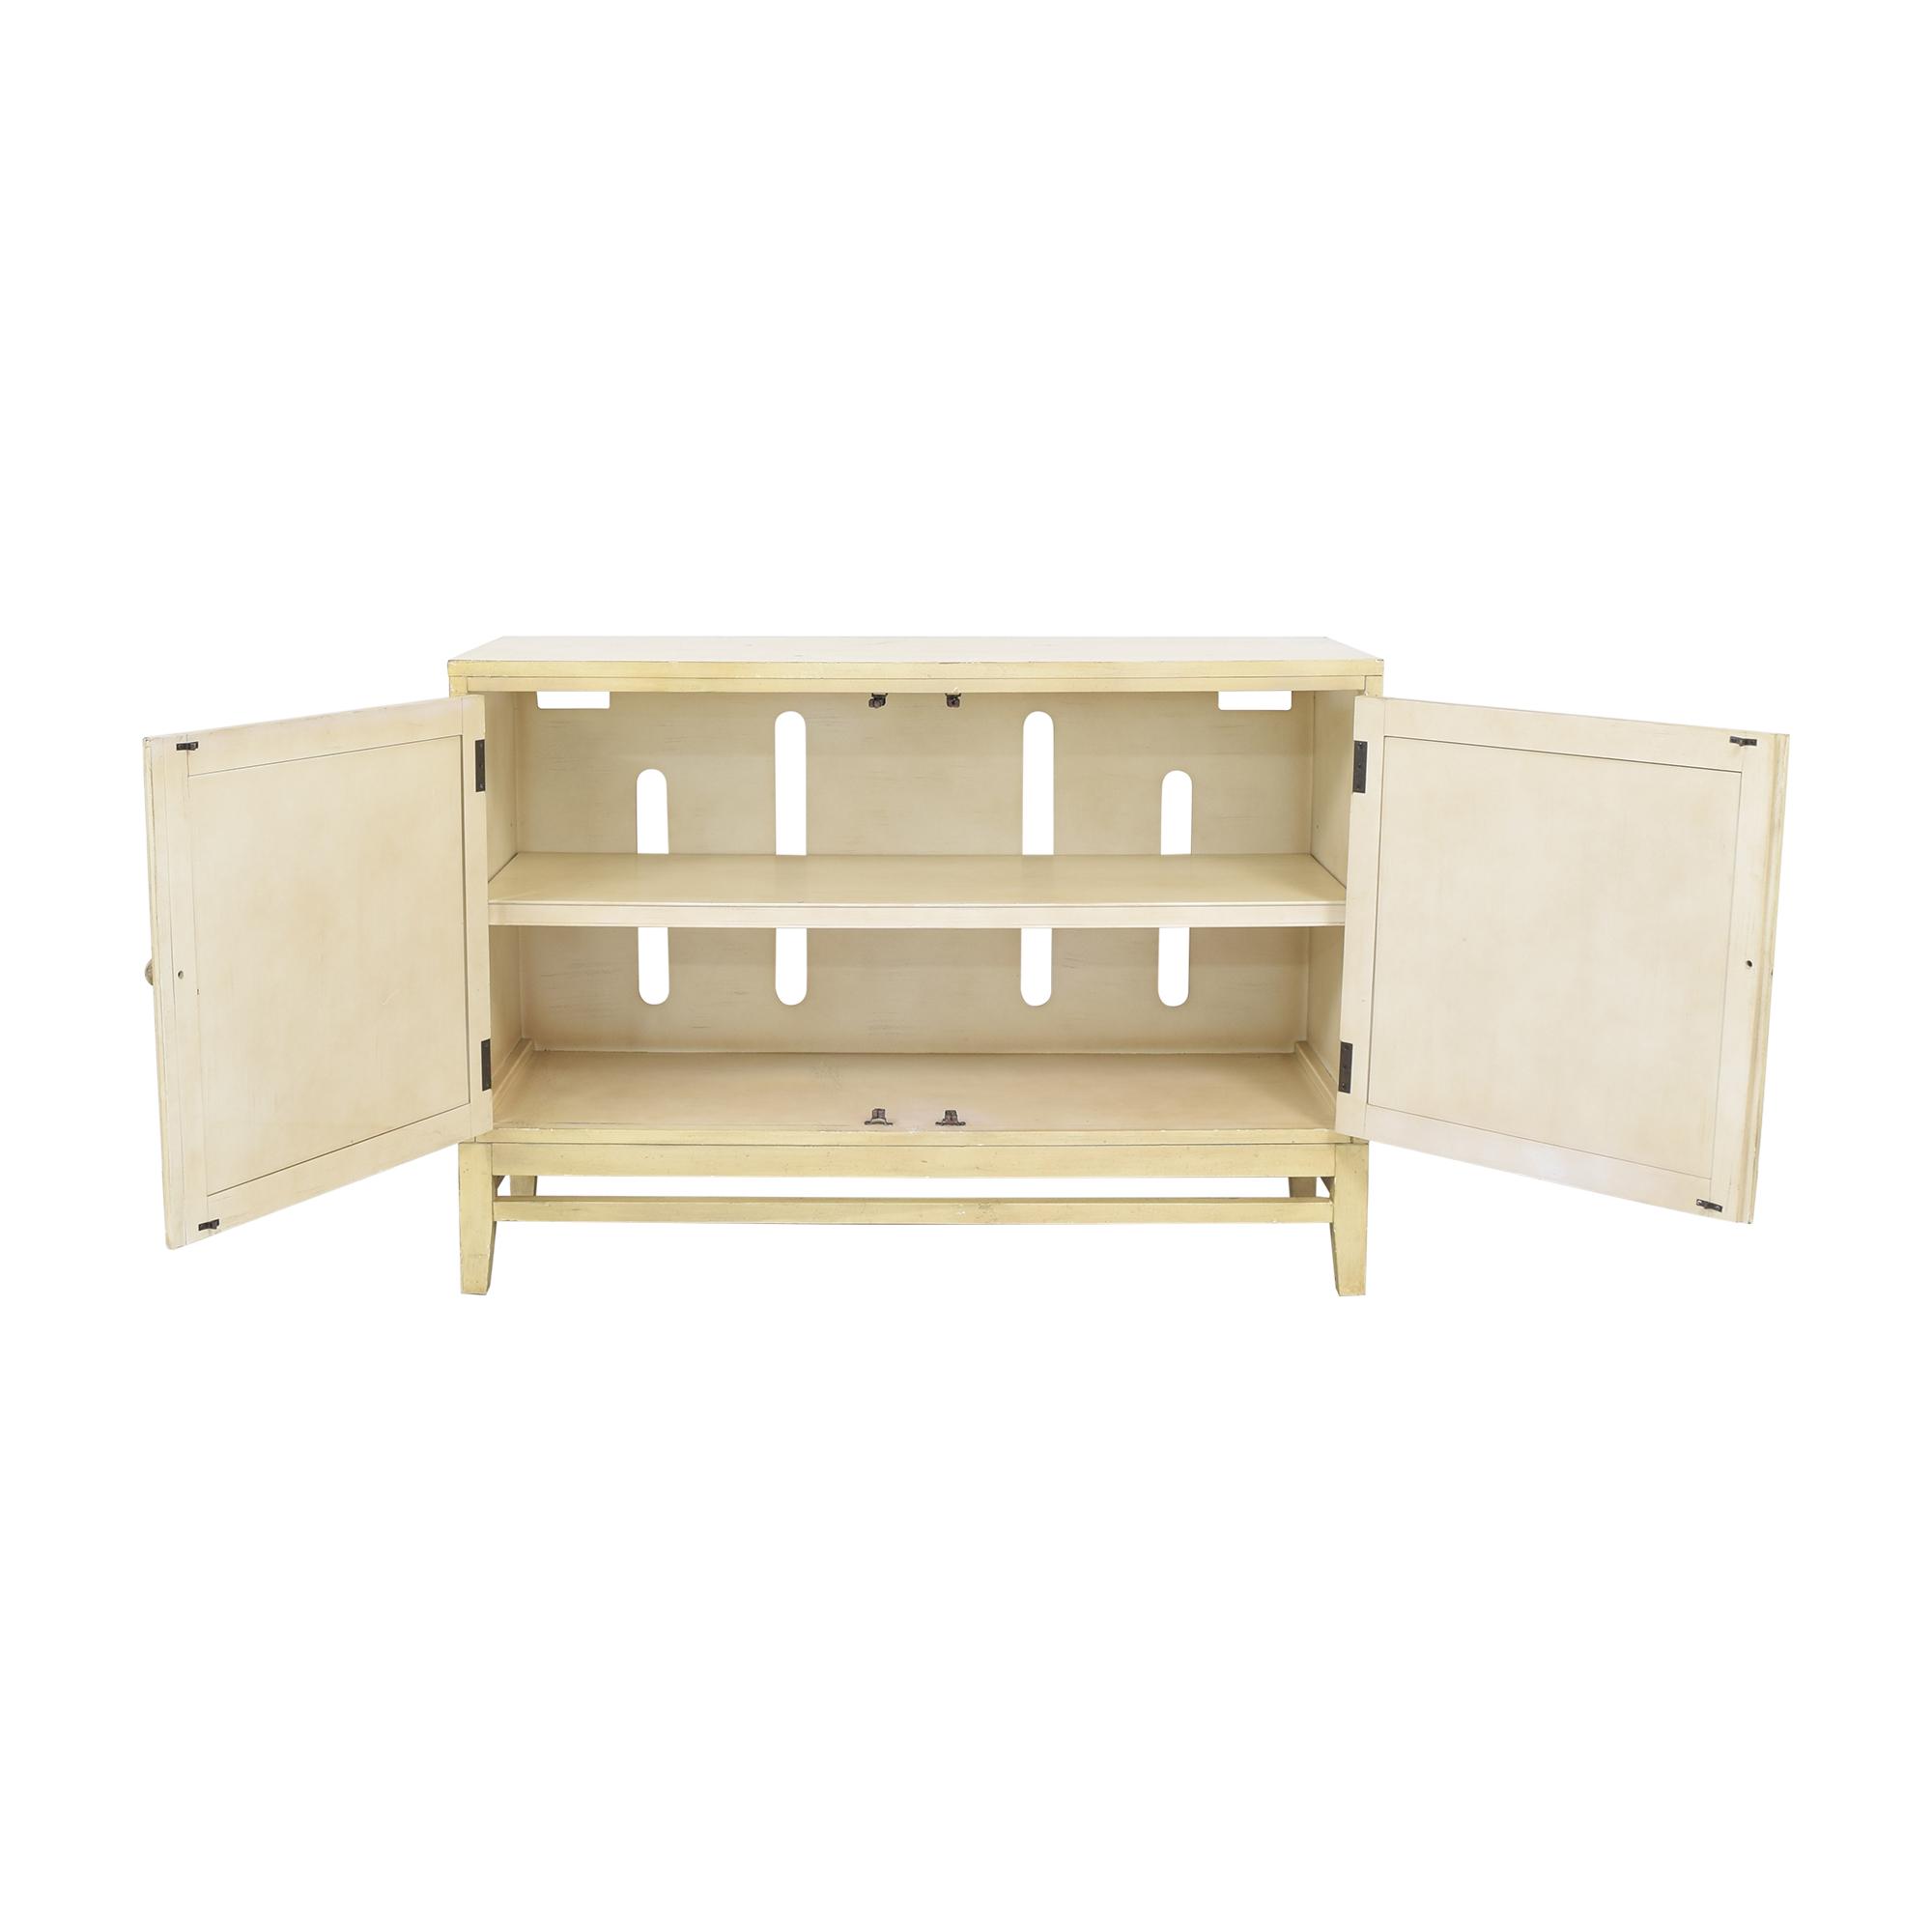 Hooker Furniture Hooker Furniture Matisette Cabinet nj